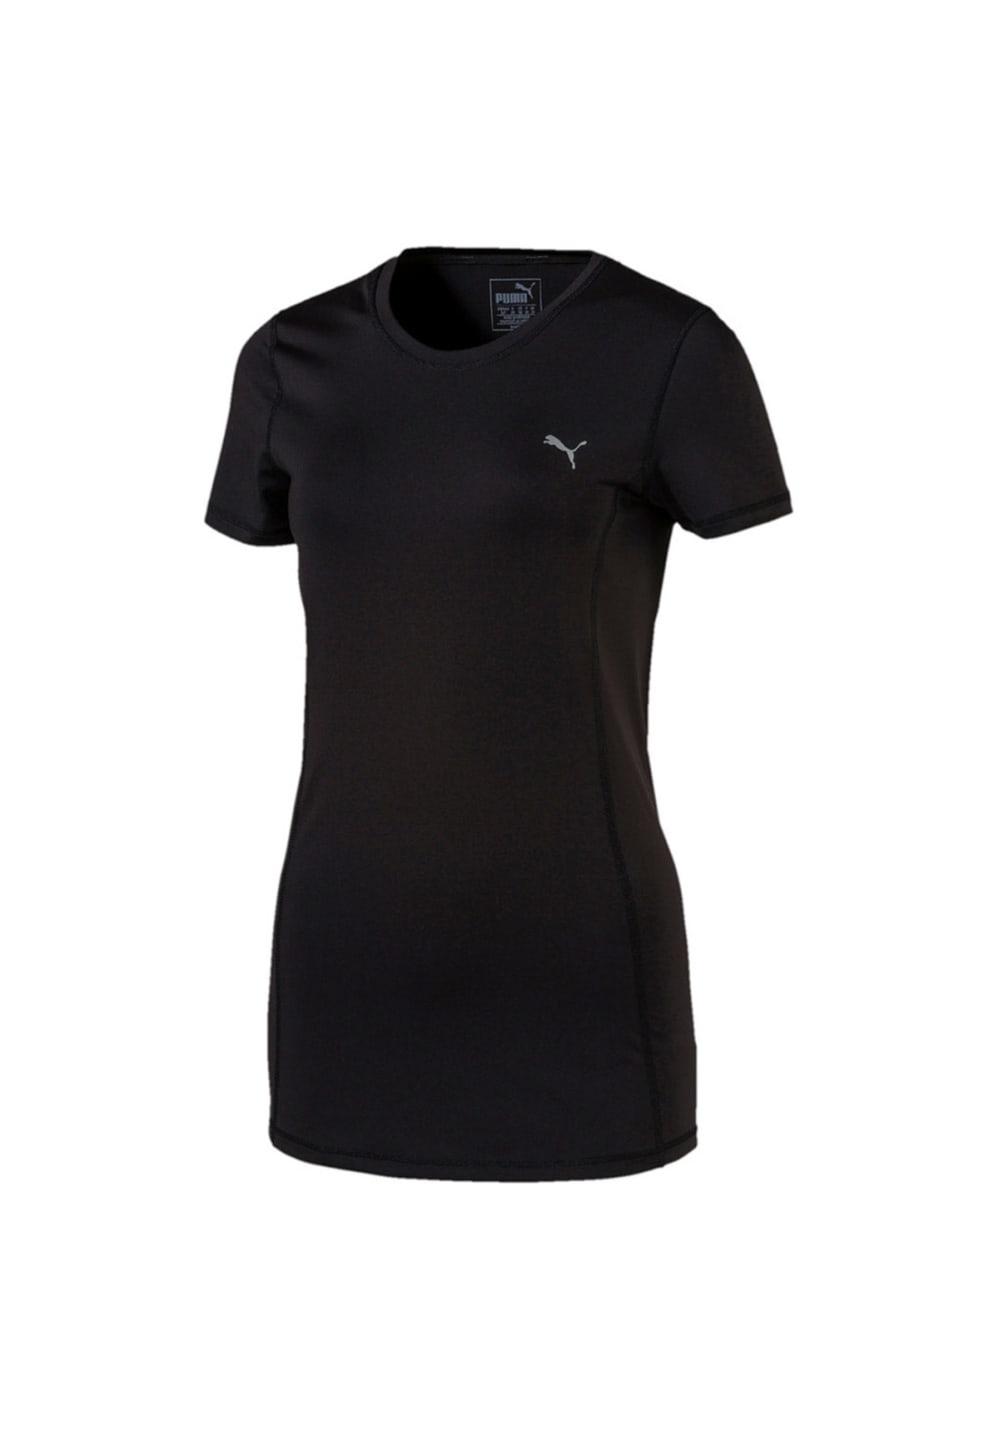 Puma Essential Runner Tee - Laufshirts für Damen - Schwarz, Gr. XL